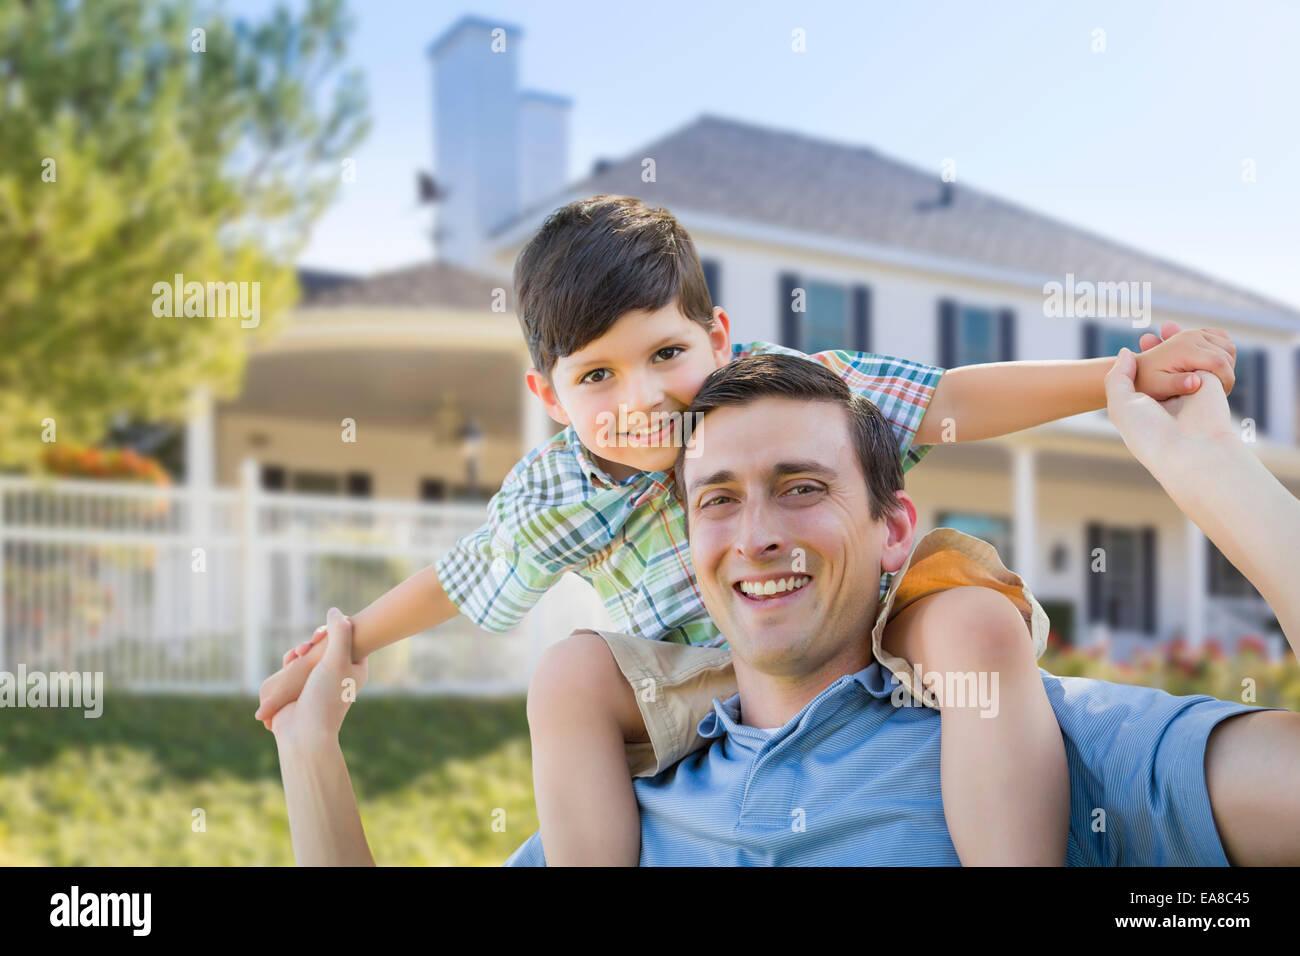 Razza mista padre e figlio giocando Piggyback davanti alla loro casa. Immagini Stock